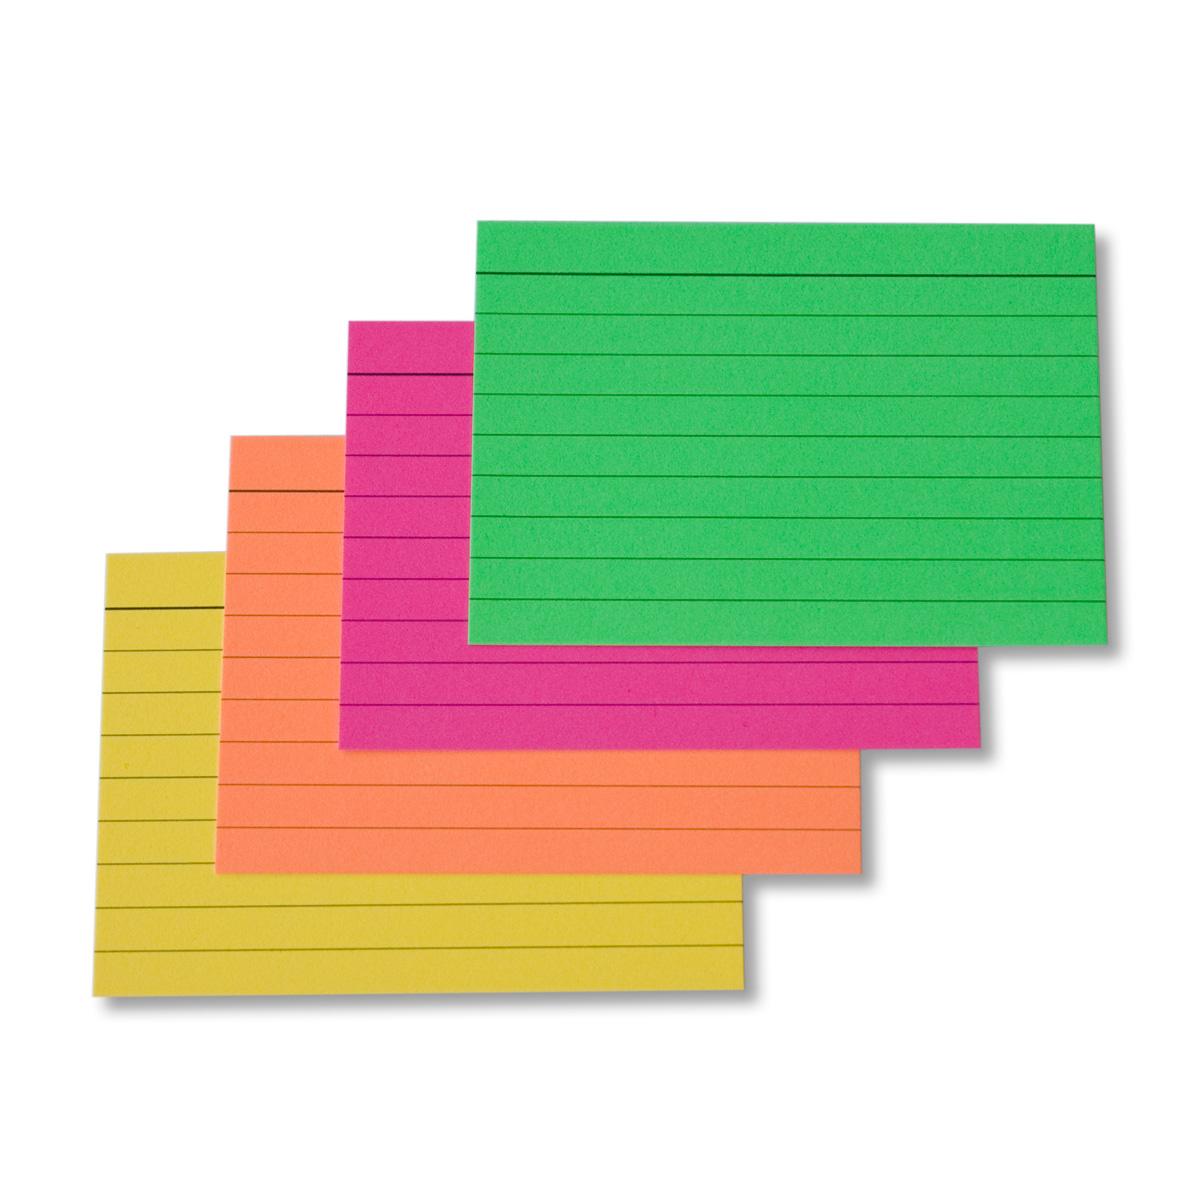 200 st ck karteikarten a8 neon gemischt liniert 170g m ademo papeterie. Black Bedroom Furniture Sets. Home Design Ideas